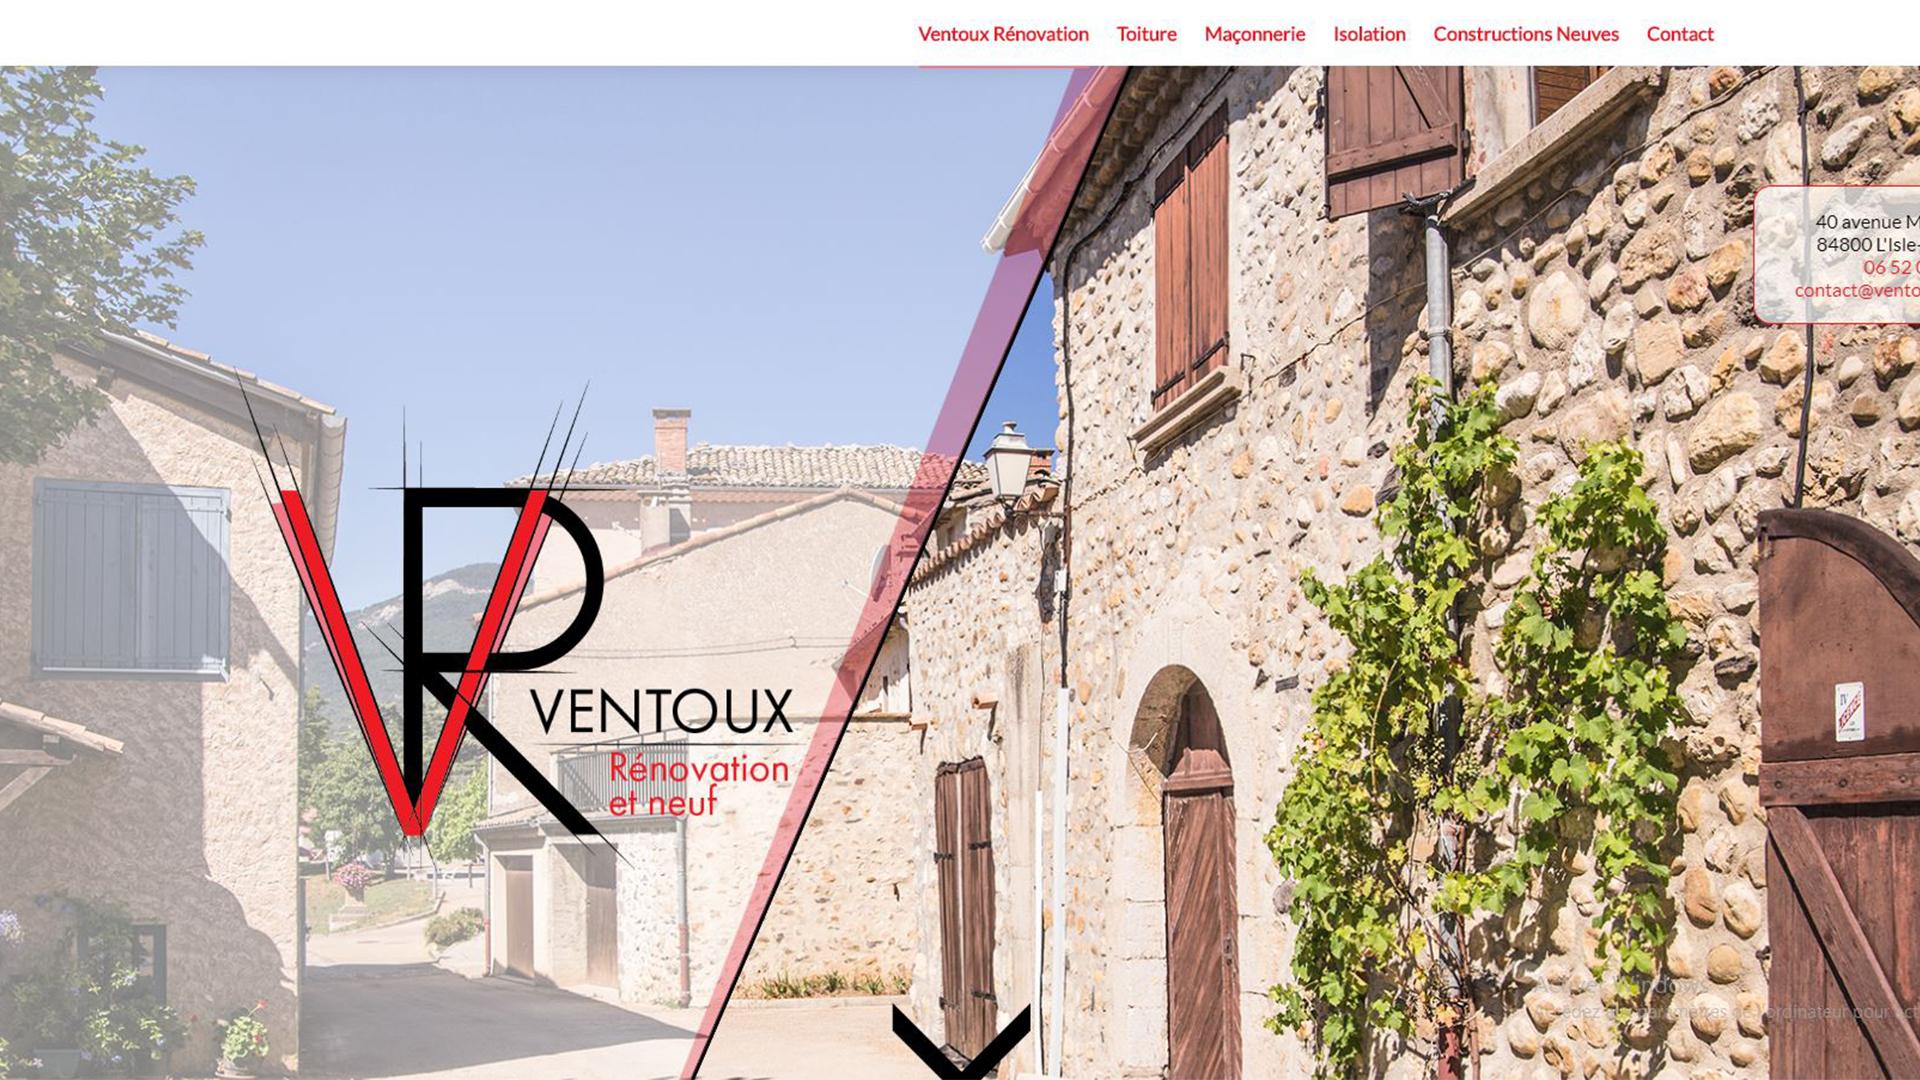 aide a domicile Arles-garde d'enfant Arles-menage Alpilles-entretien de locaux Bouches-du-Rhone-aide a la personne Arles